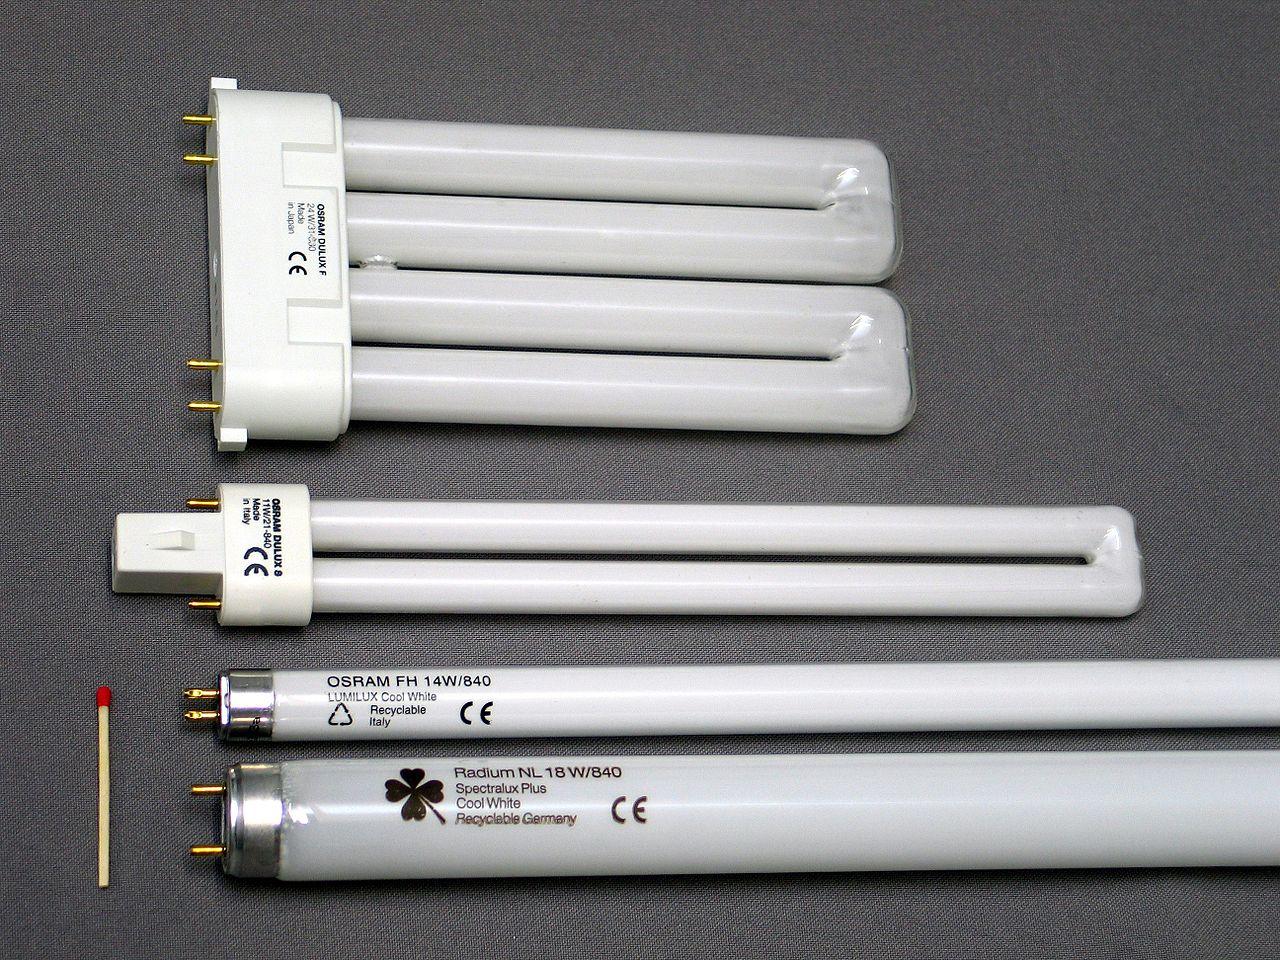 Опасные отходы: как в Чепецке утилизируют ртутные лампы?